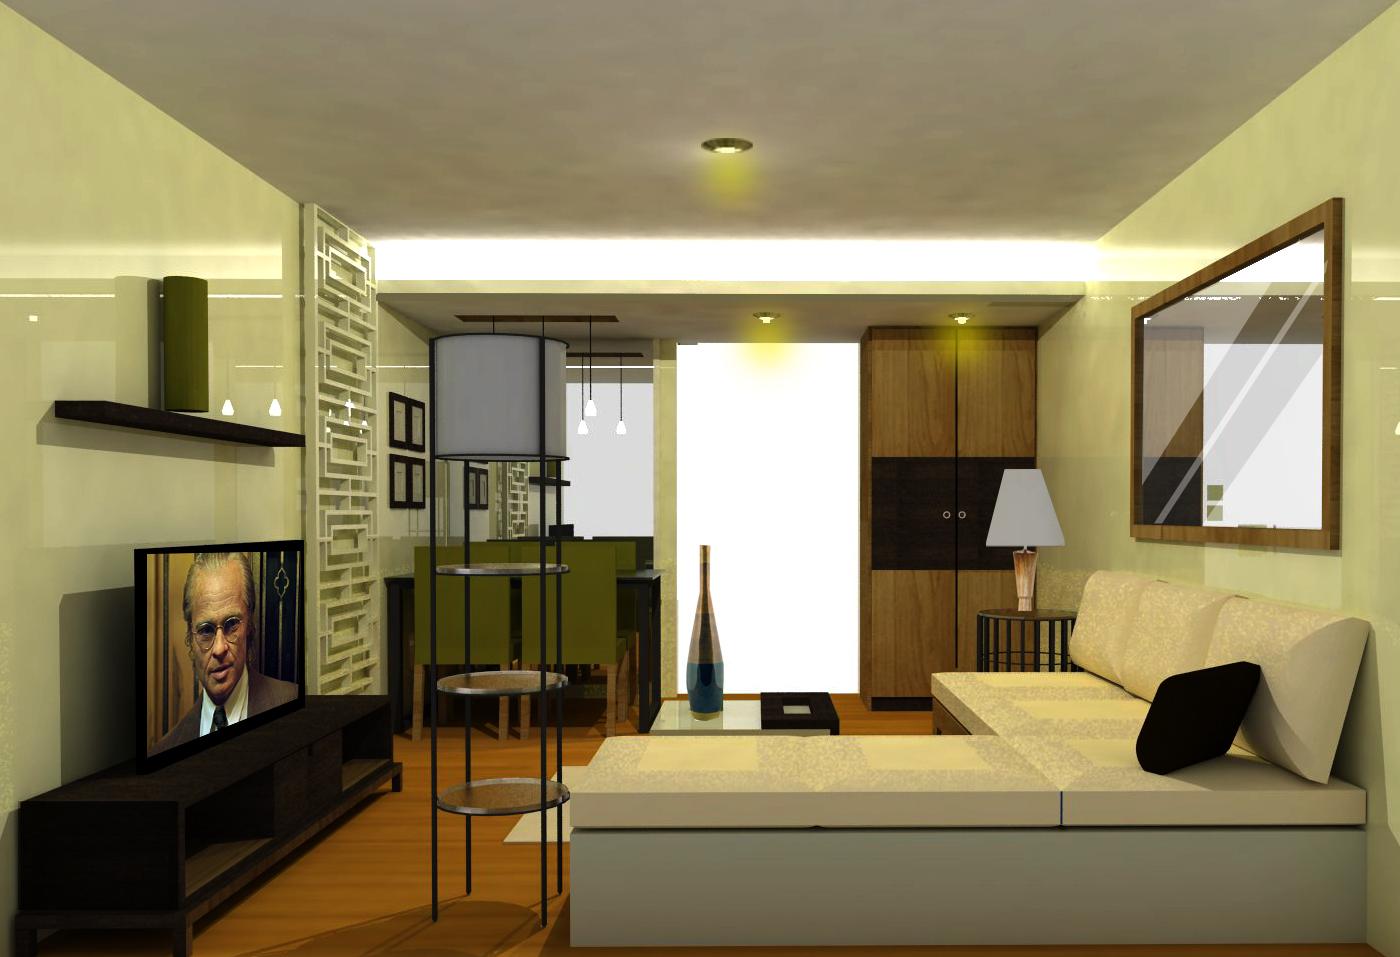 Loft type condo design joy studio design gallery best for Studio type condo design